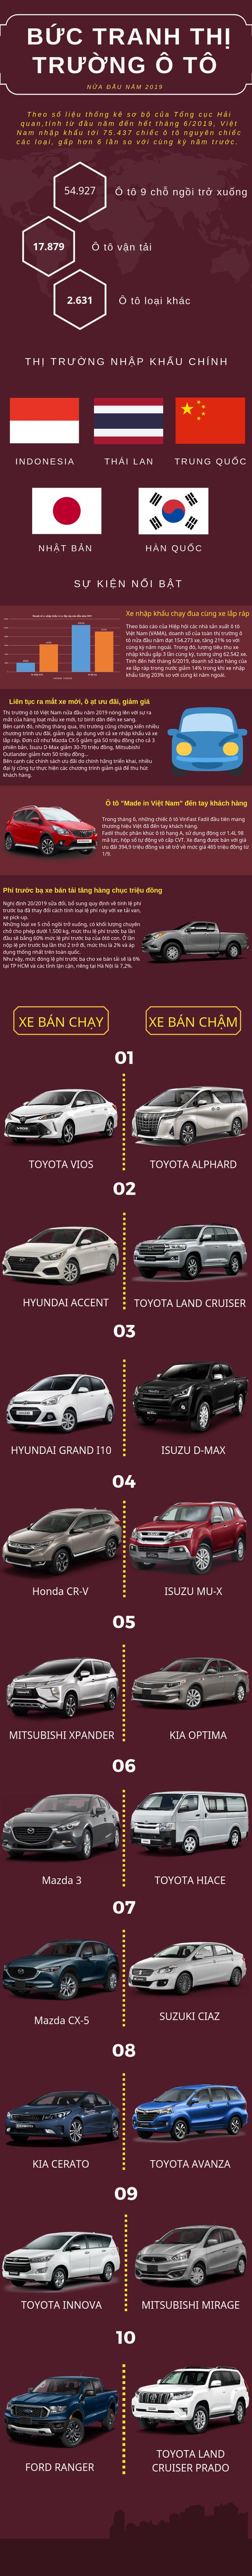 Bức tranh thị trường ô tô Việt nửa đầu năm 2019: Từ kỳ tích VinFast đến giảm giá ồ ạt trên mọi phân khúc - Ảnh 1.